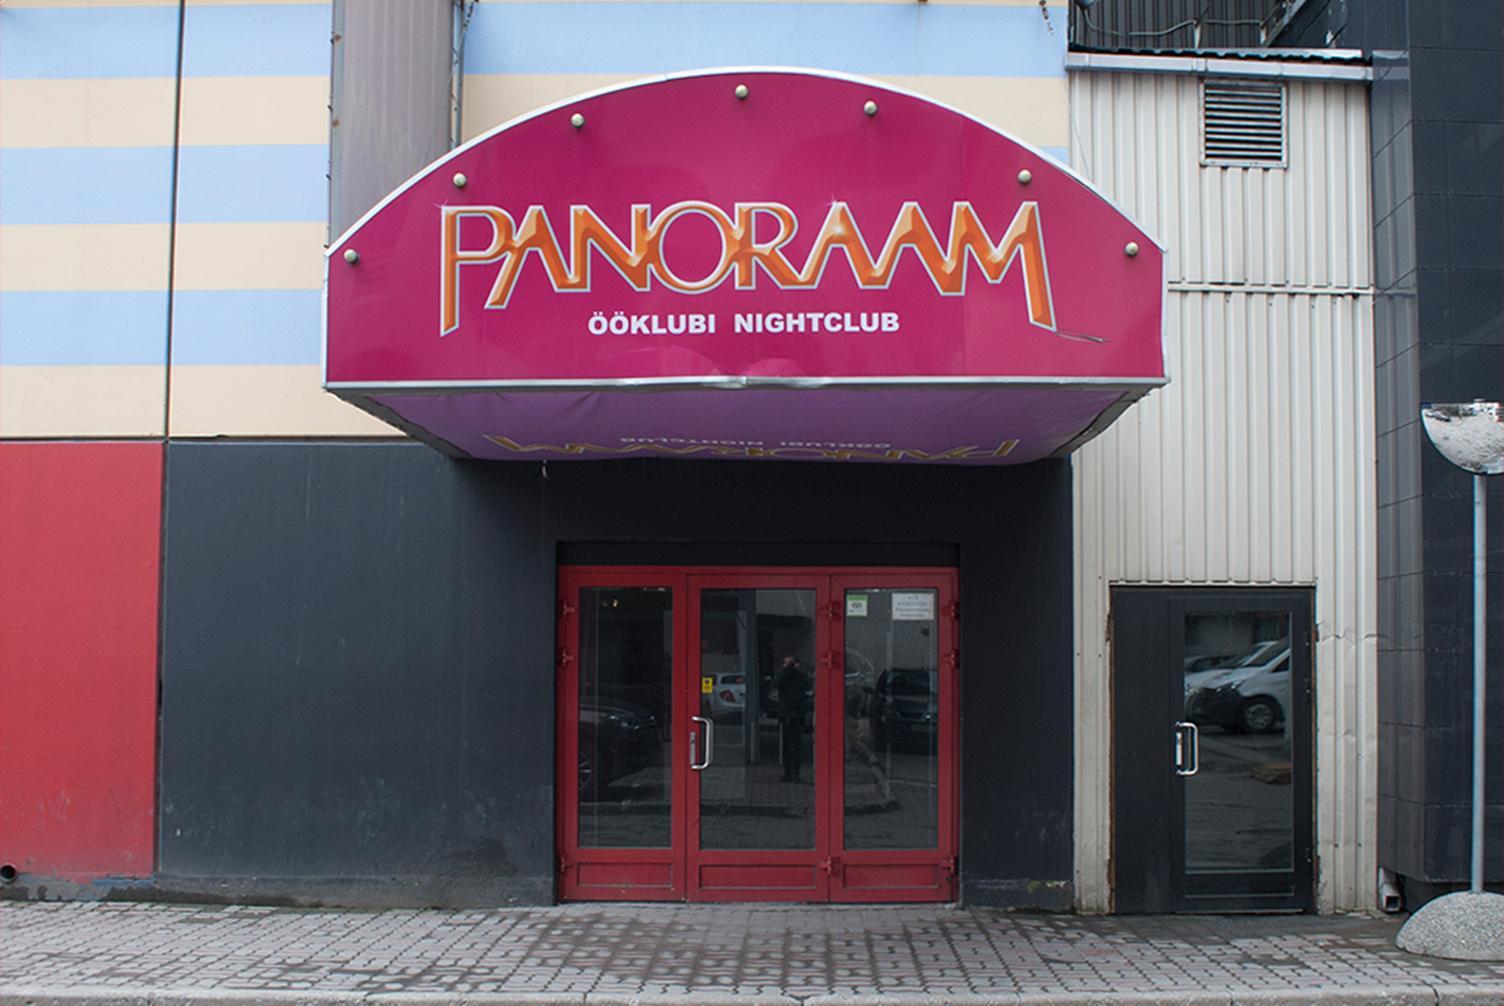 Panoraam